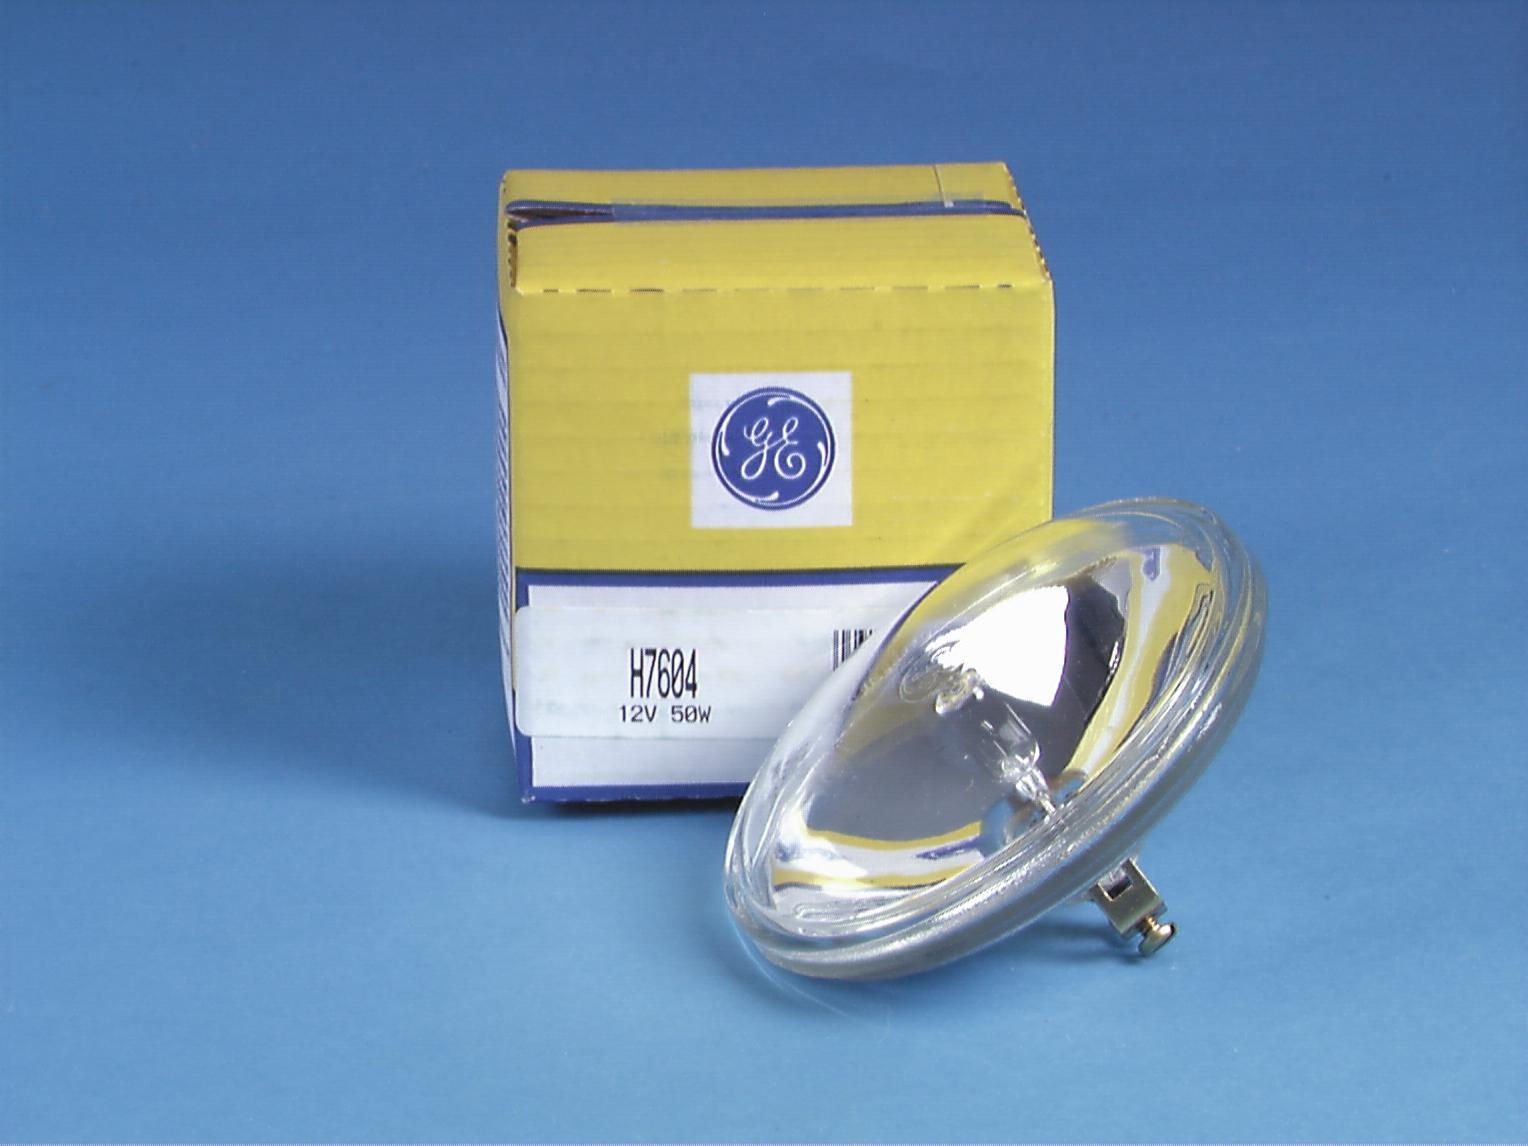 GE H7604 PAR-36 12,8 V/50W halo 100h